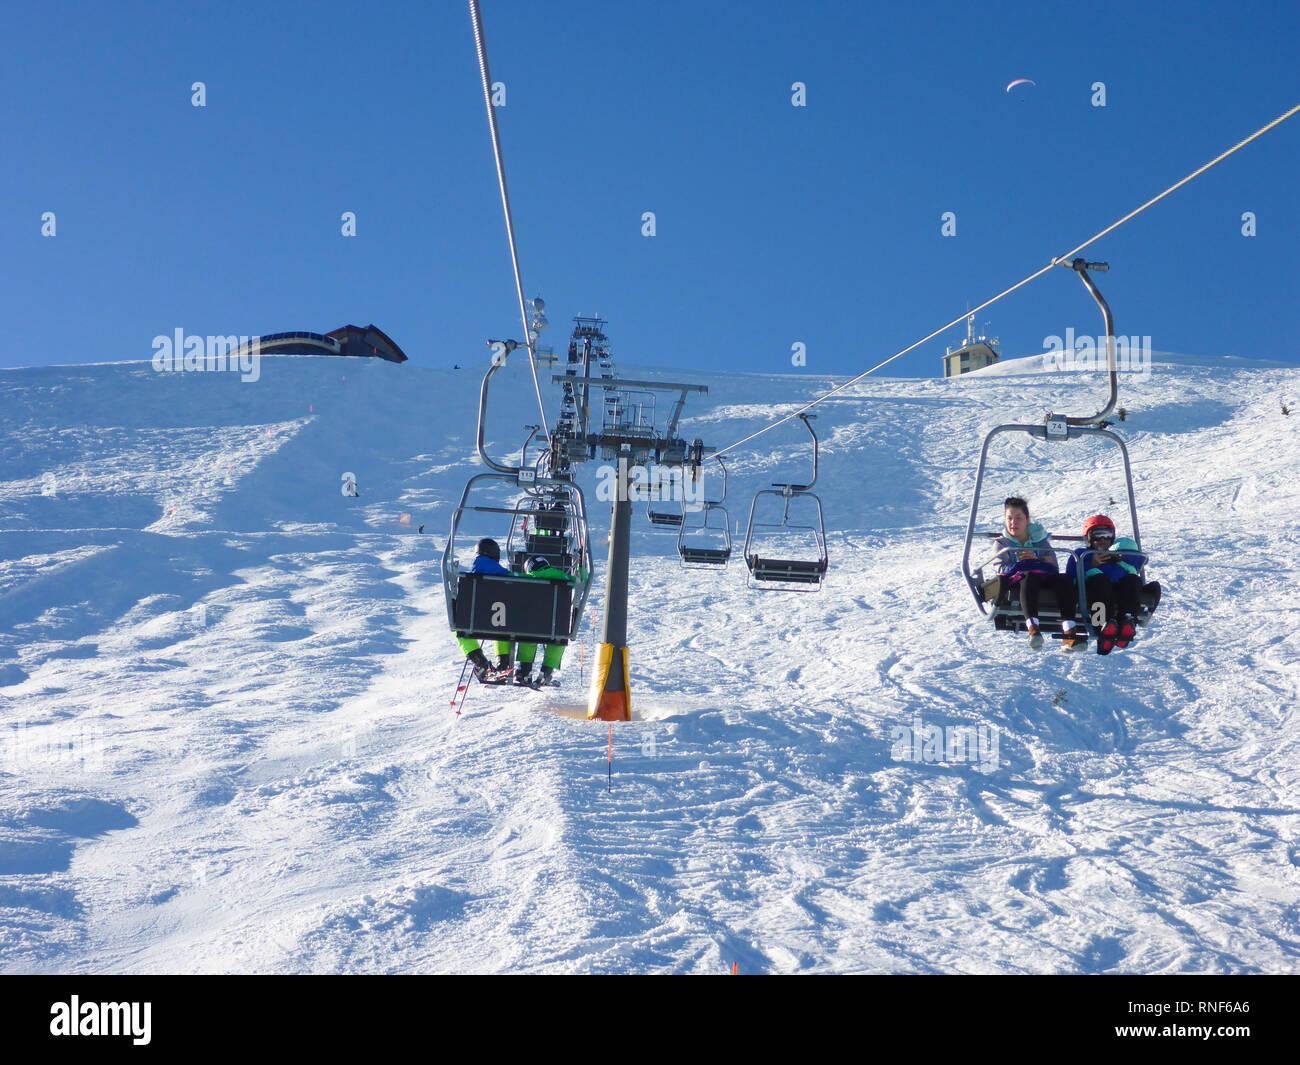 Mitterbach am Erlaufsee: mountain Gemeindealpe, ski lift, skier, downhill skiing in Mostviertel, Niederösterreich, Lower Austria, Austria - Stock Image